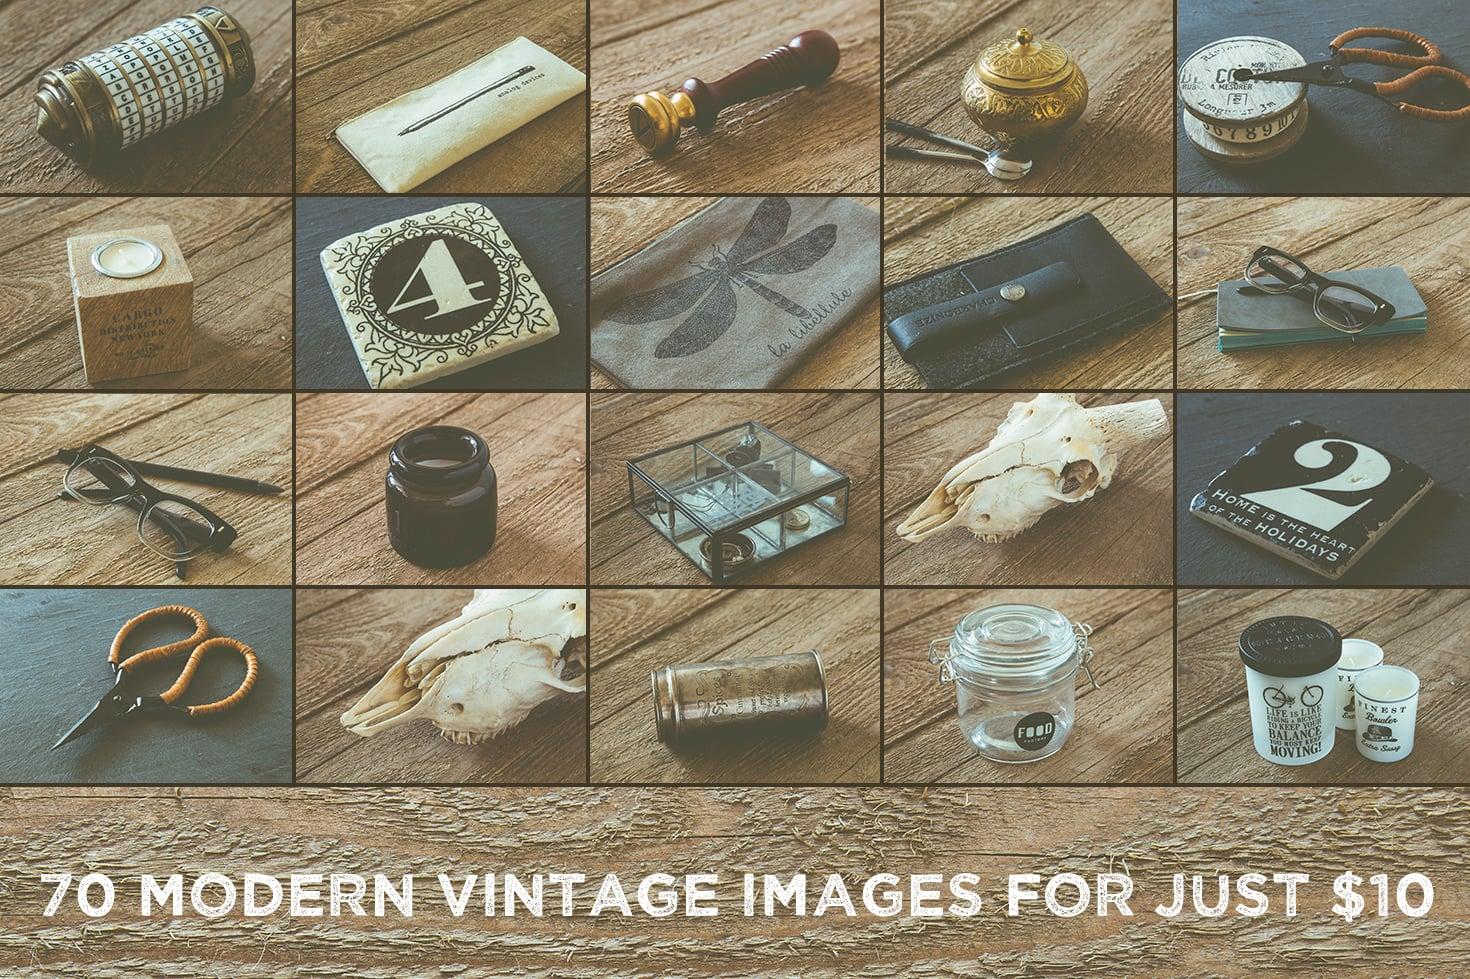 70 Hi-Res Real Photo Modern Vintage Images